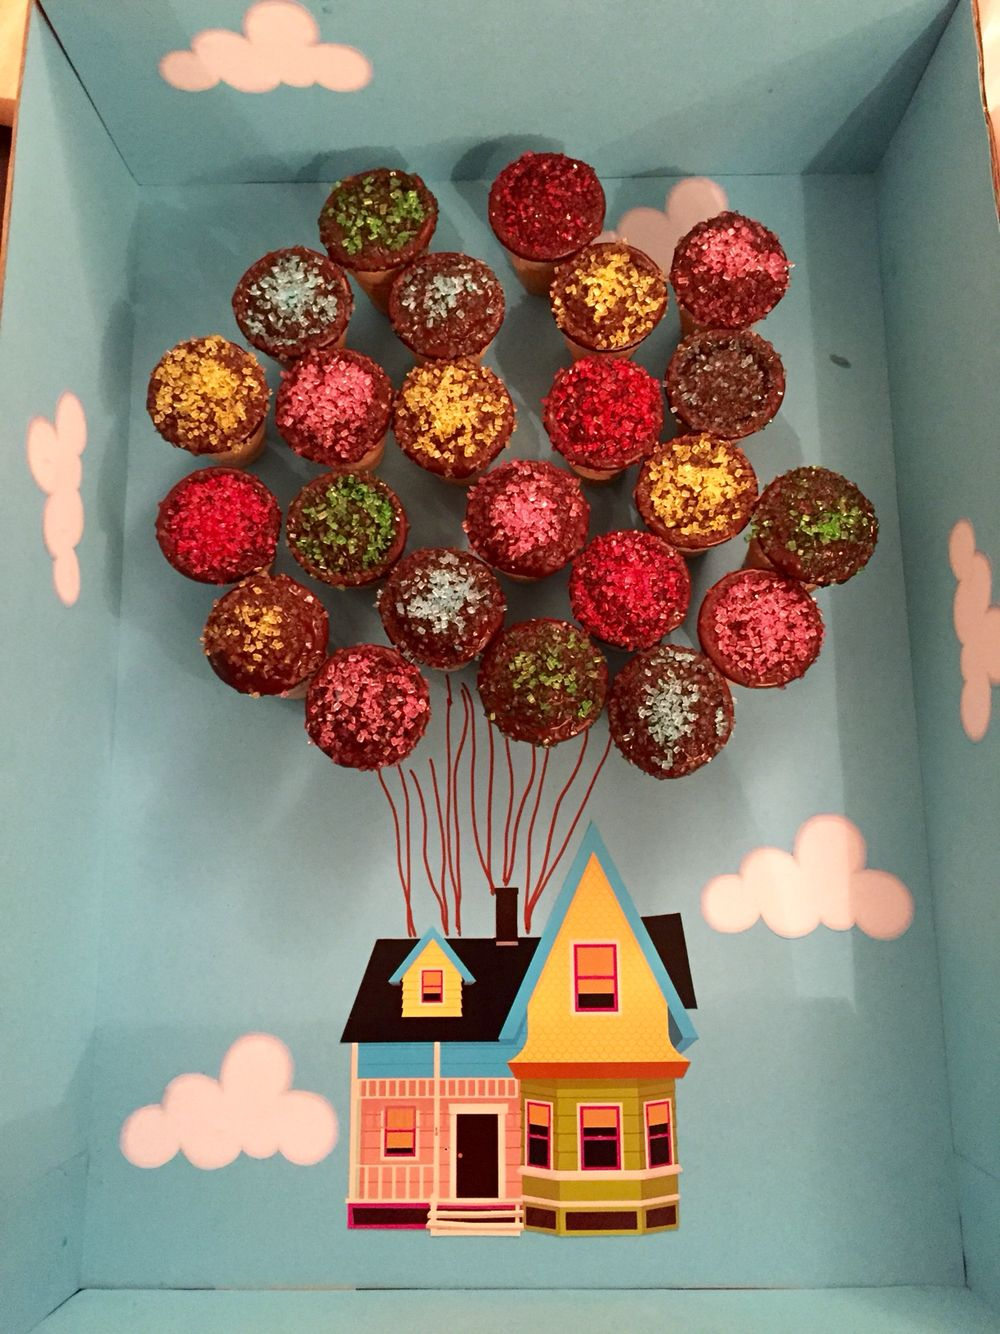 Waffelbecher Kuchen Geschenk Aus Dem Film Oben Up Pixar Disney Mit Bildern Disney Geschenk Geschenke Disney Diy